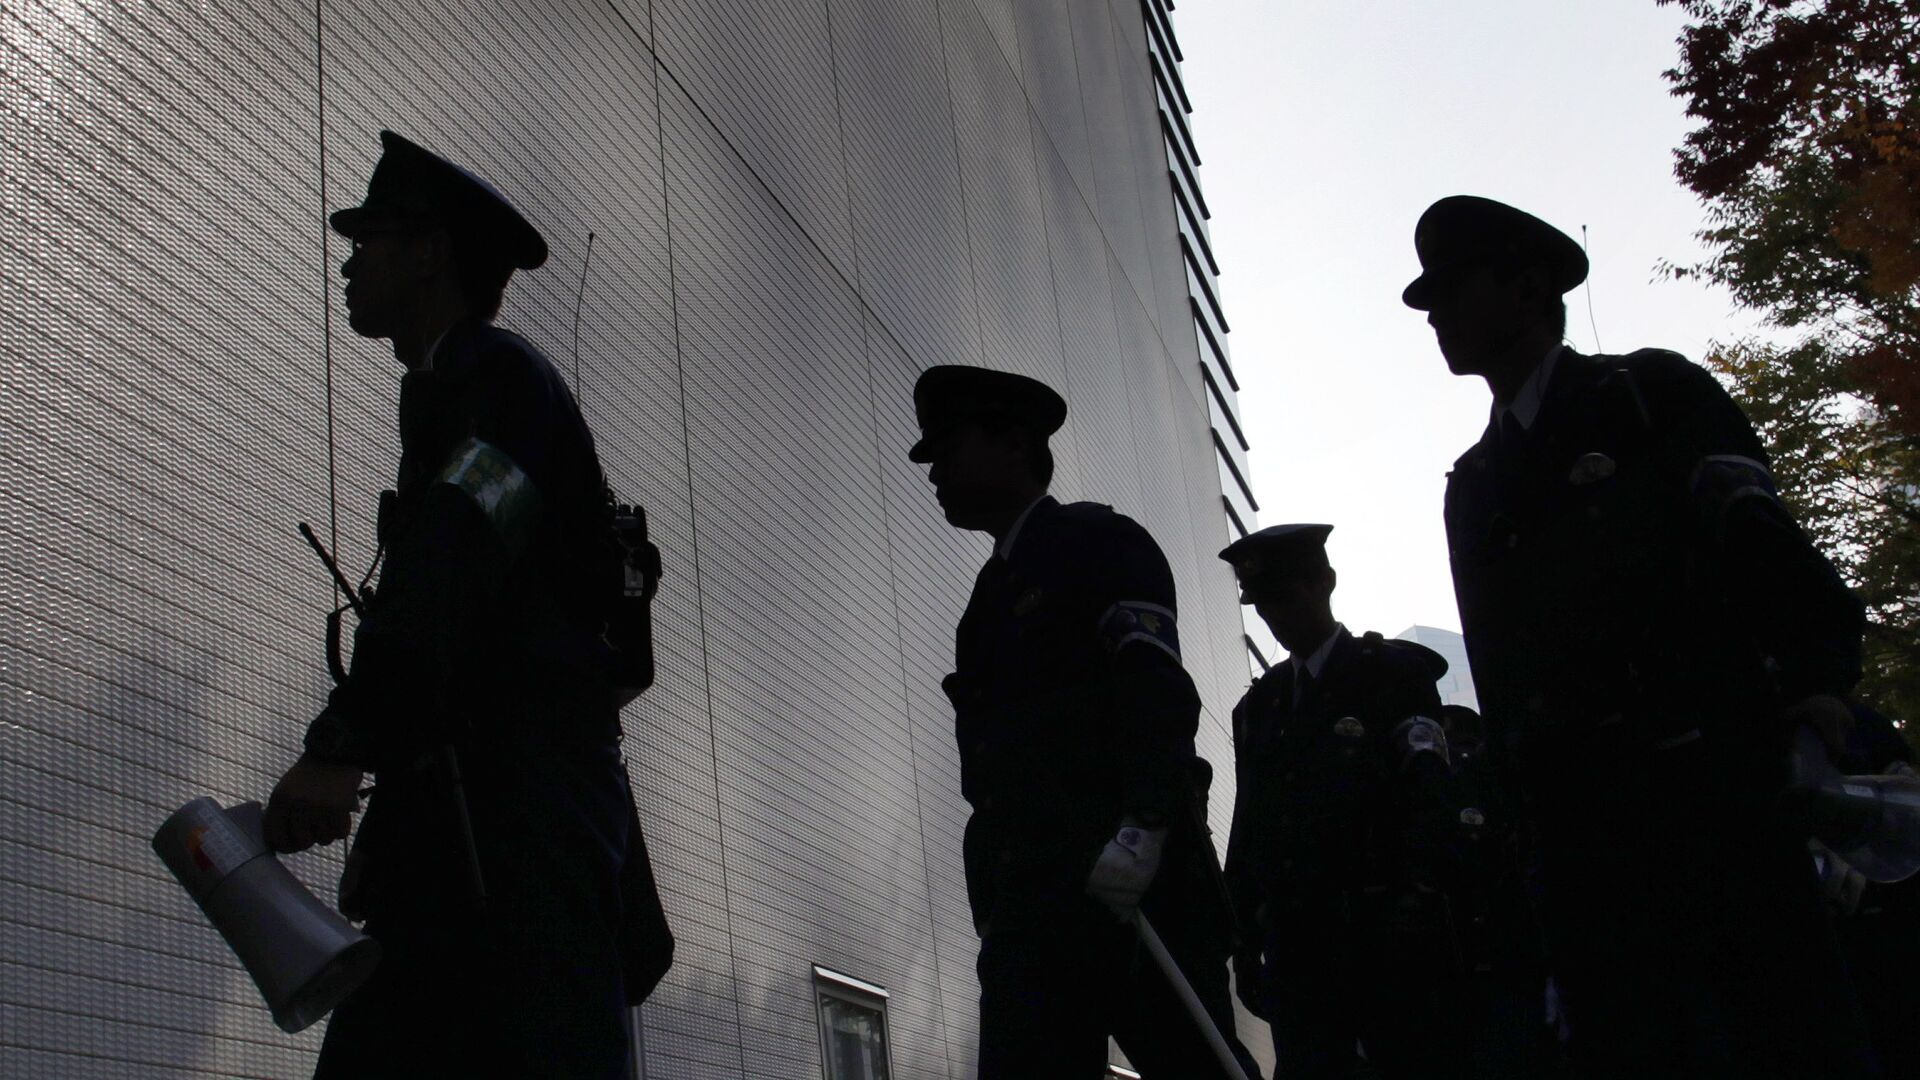 СМИ раскрыло подробности инцидента с приплывшим в Японию мужчиной